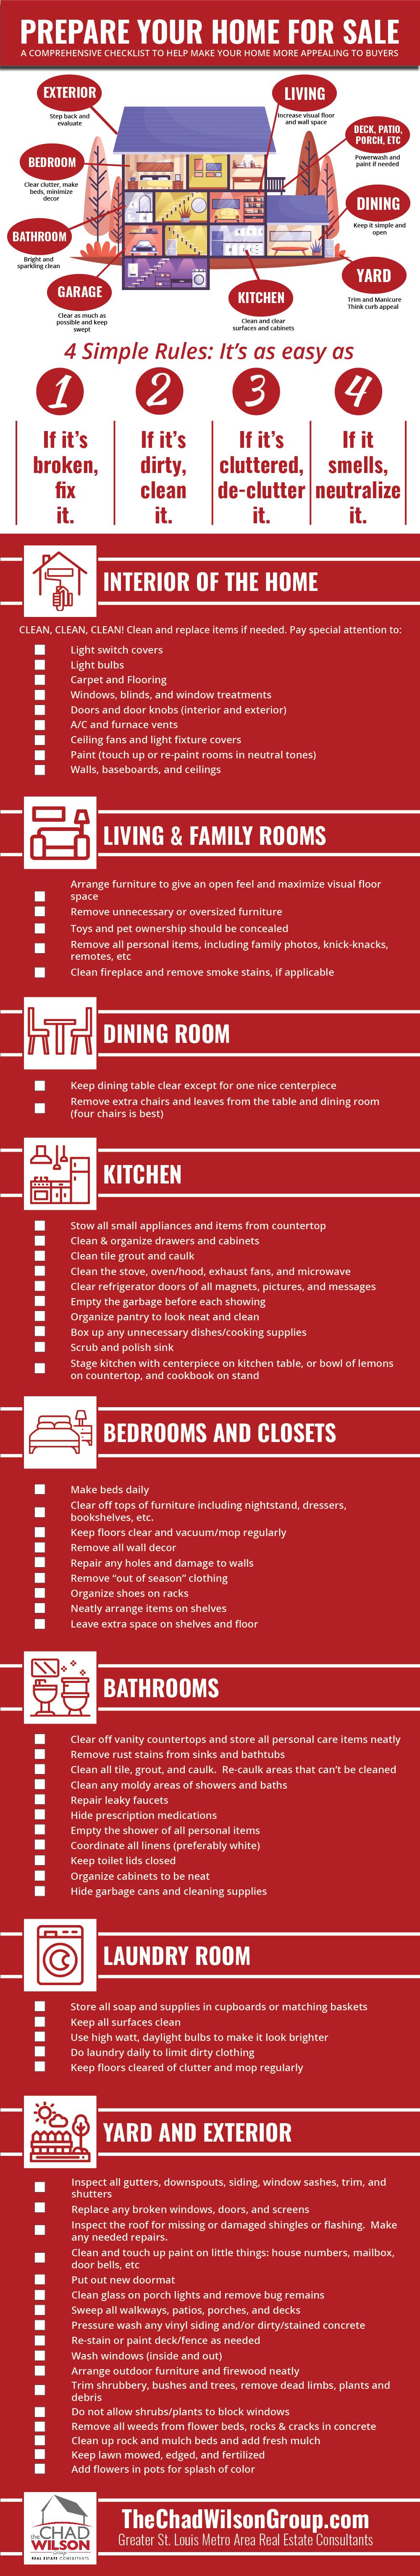 Home Seller To-Do Checklist